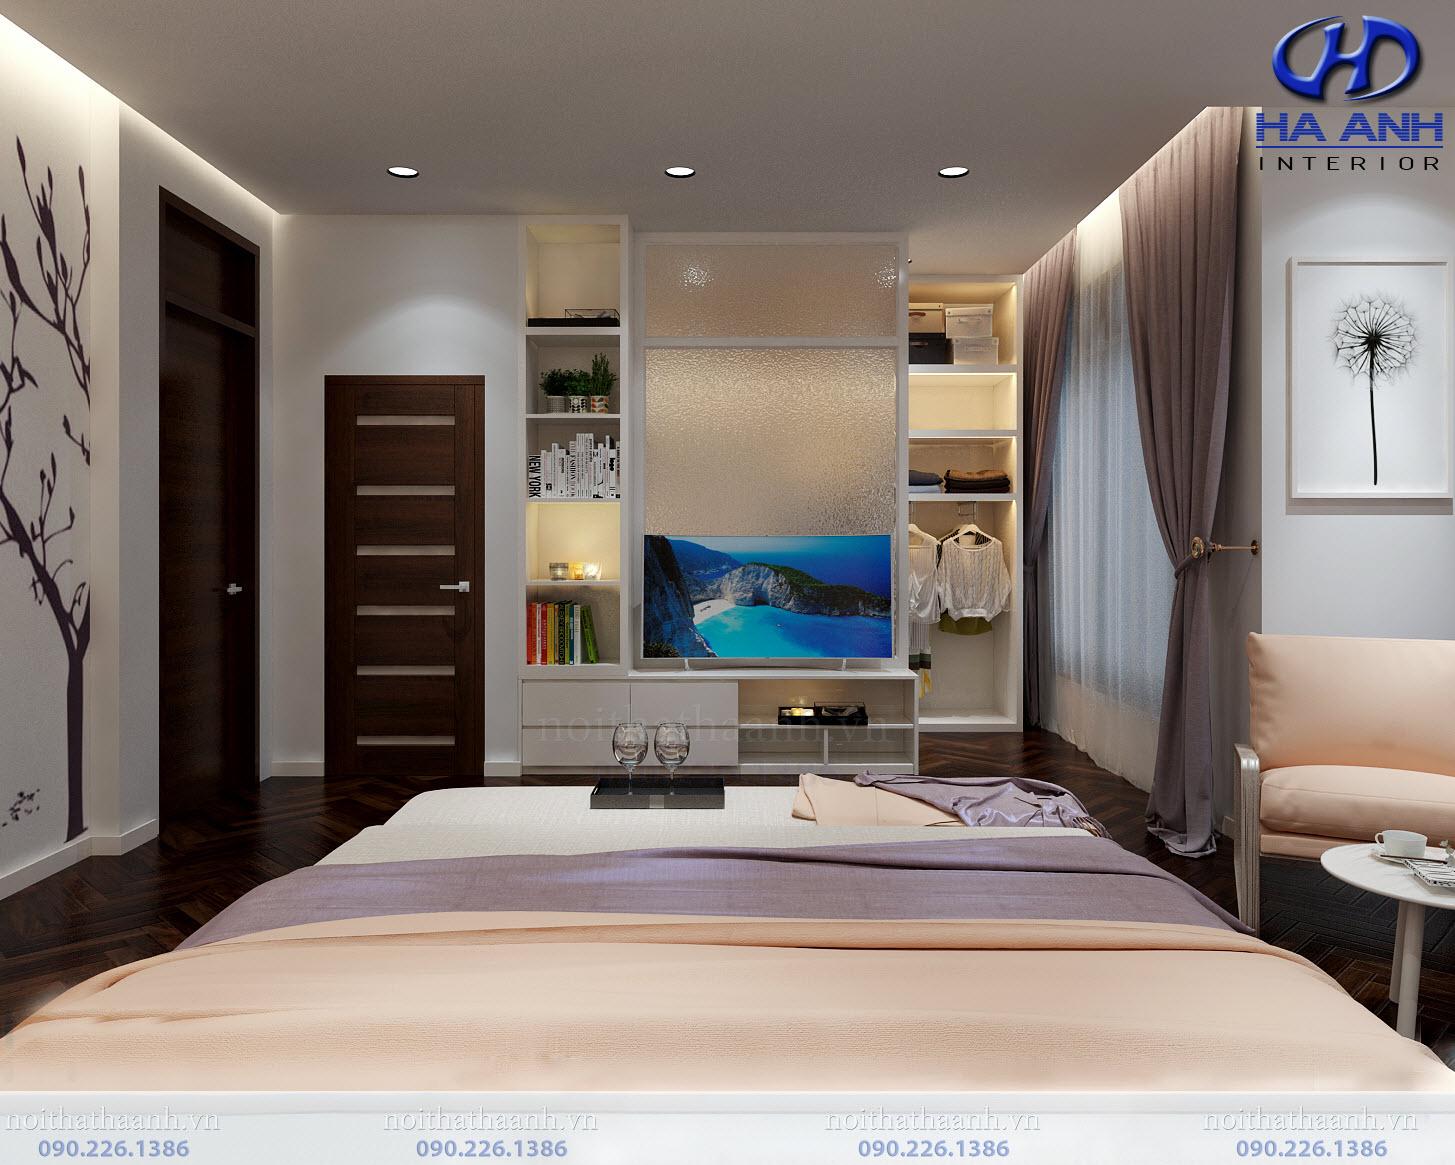 Thiết kế và thi công nội thất gia đình chị Vân TP Sơn La-9